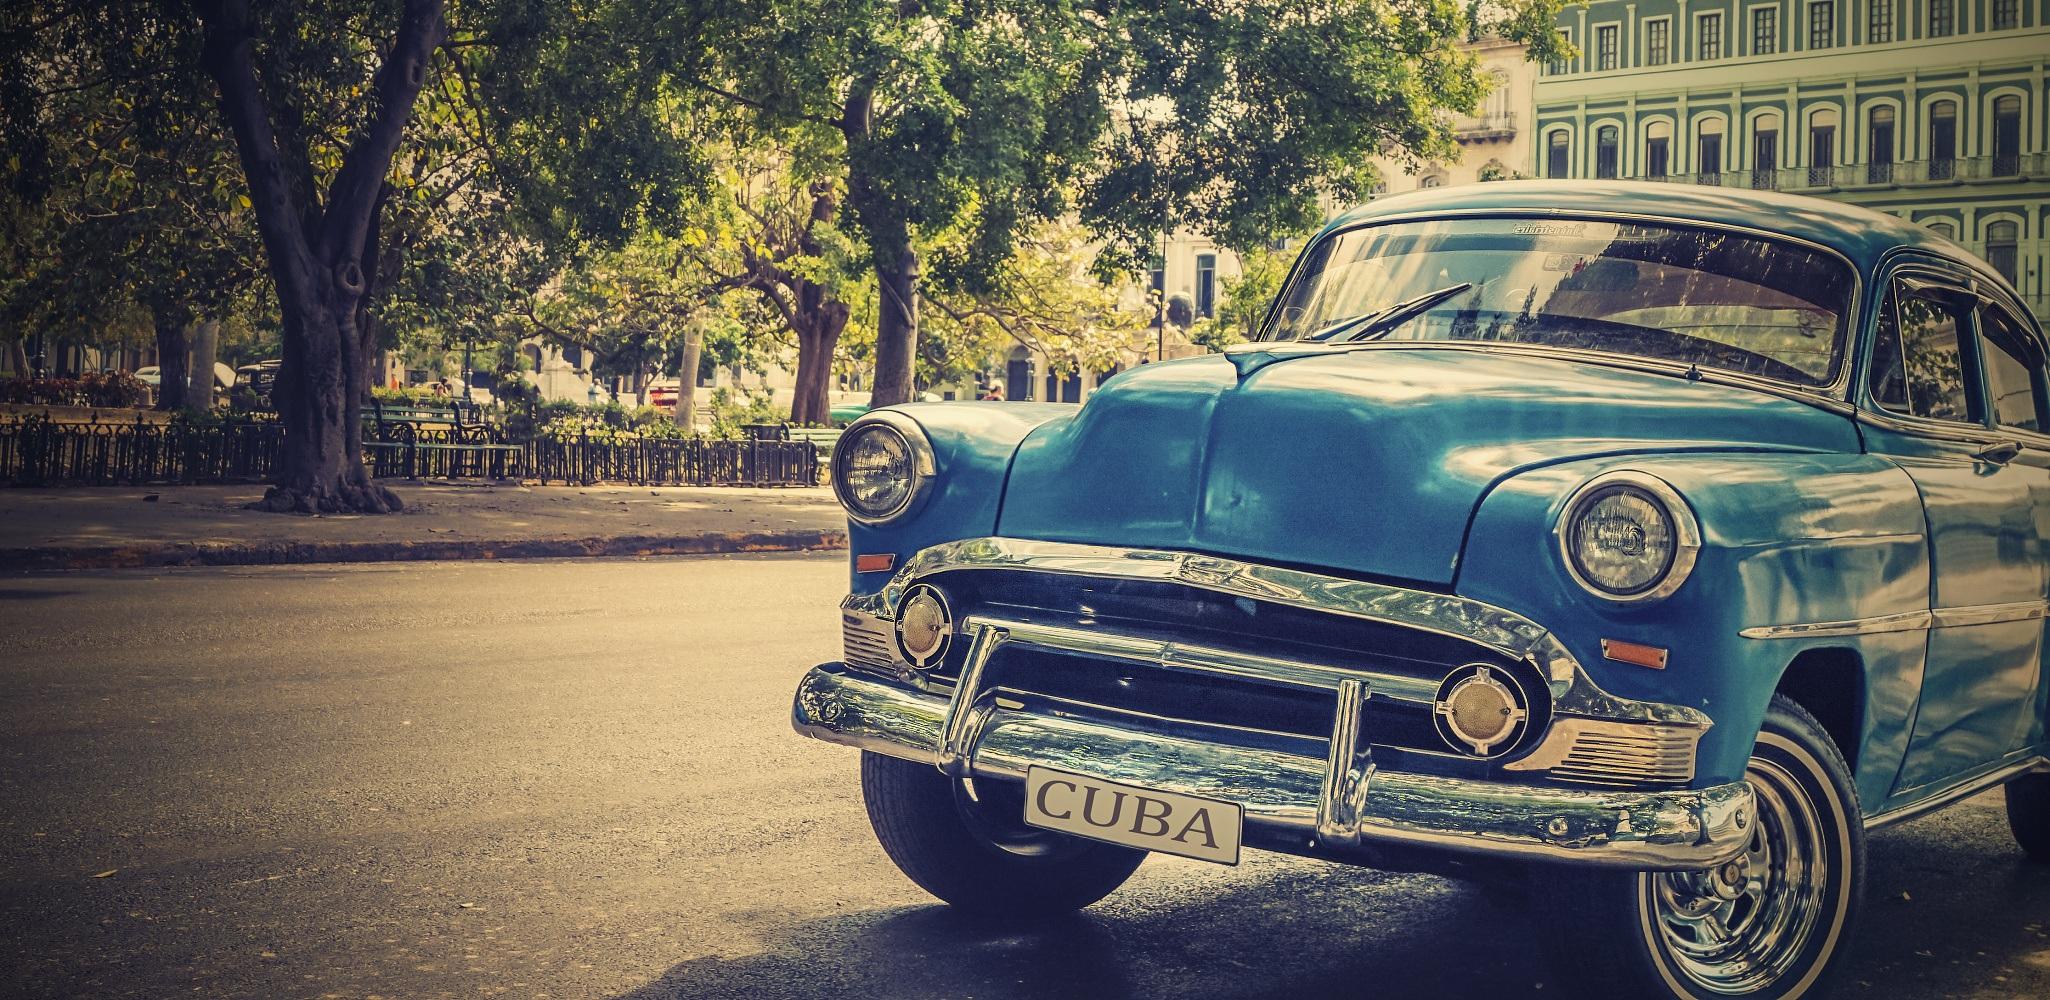 Geschenke Für Kuba Liebhaber Just Not Enough Timede